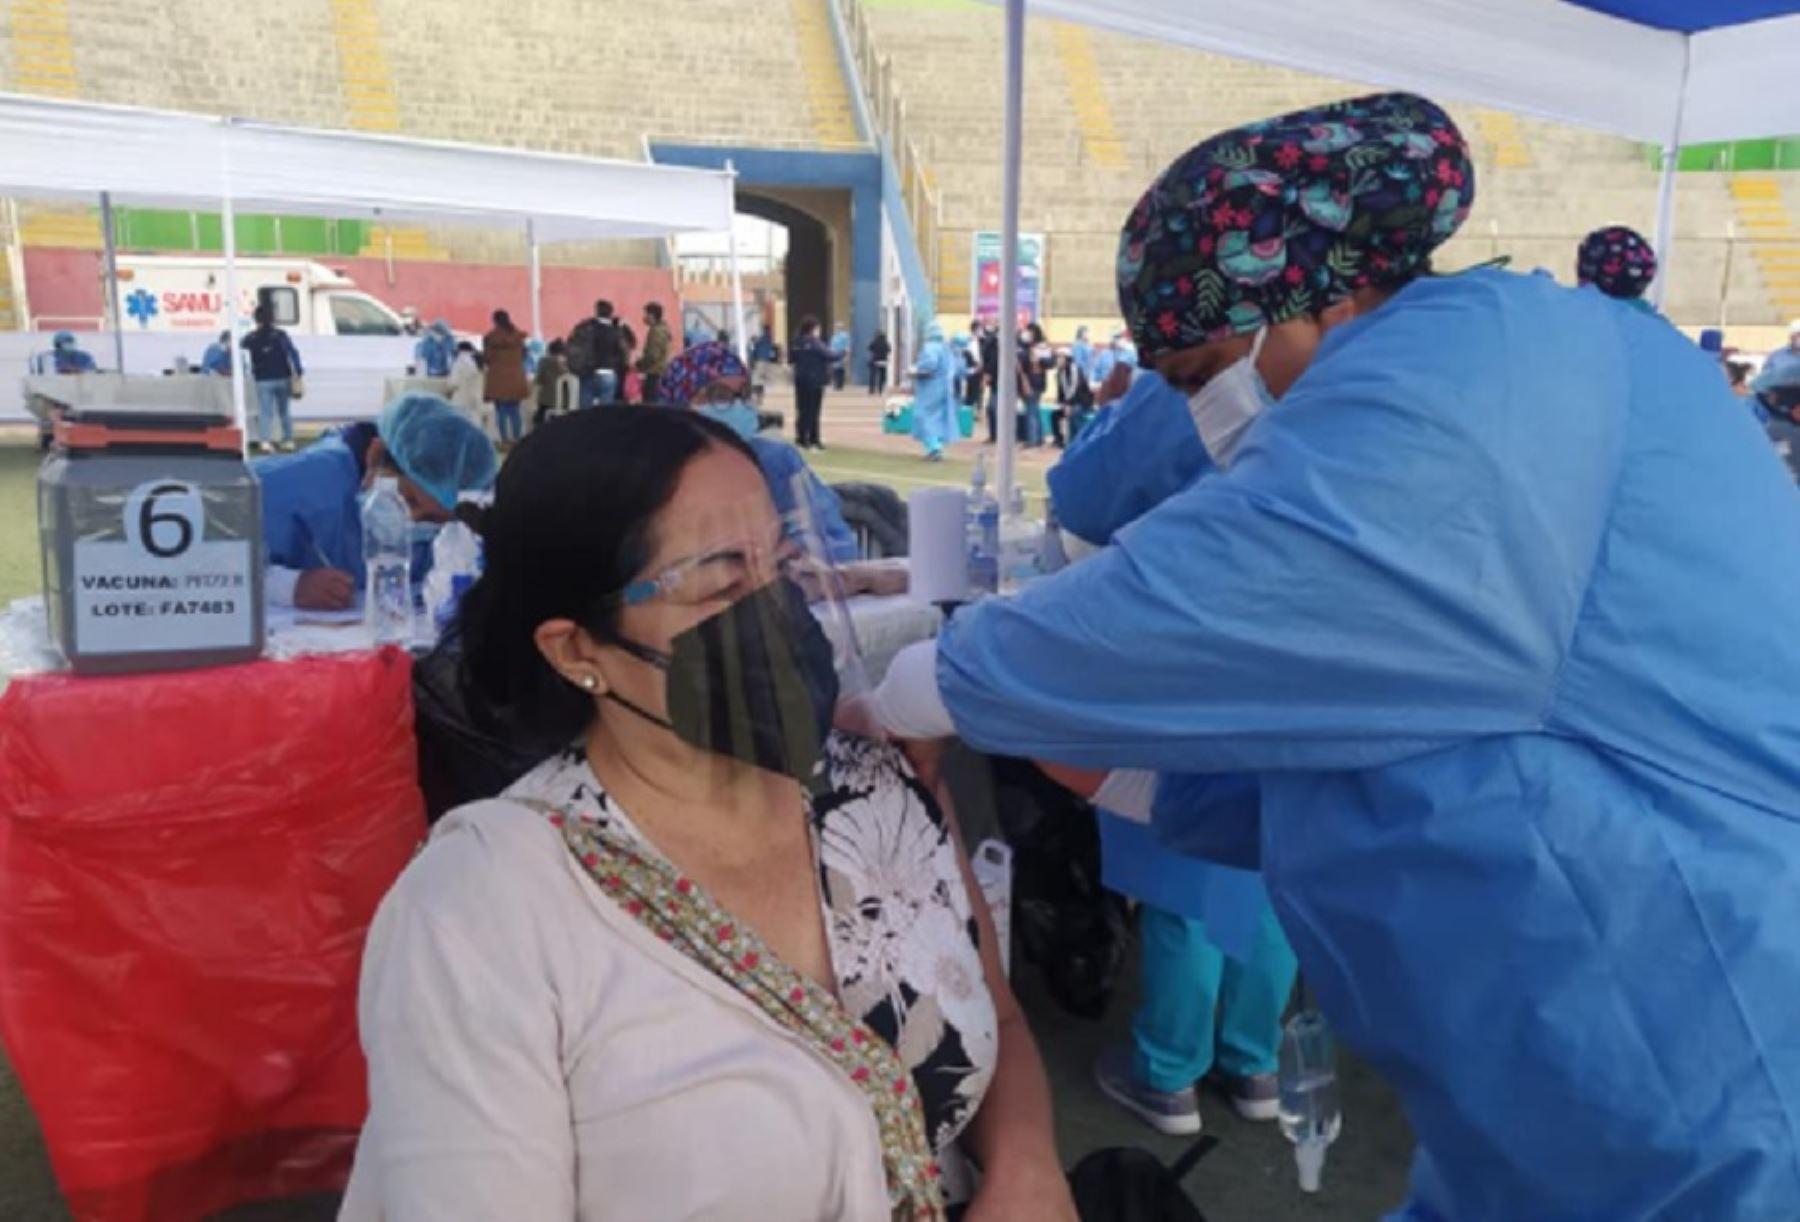 Vacunatón en Chimbote: hoy empieza jornada de vacunación por 24 horas ininterrumpidas